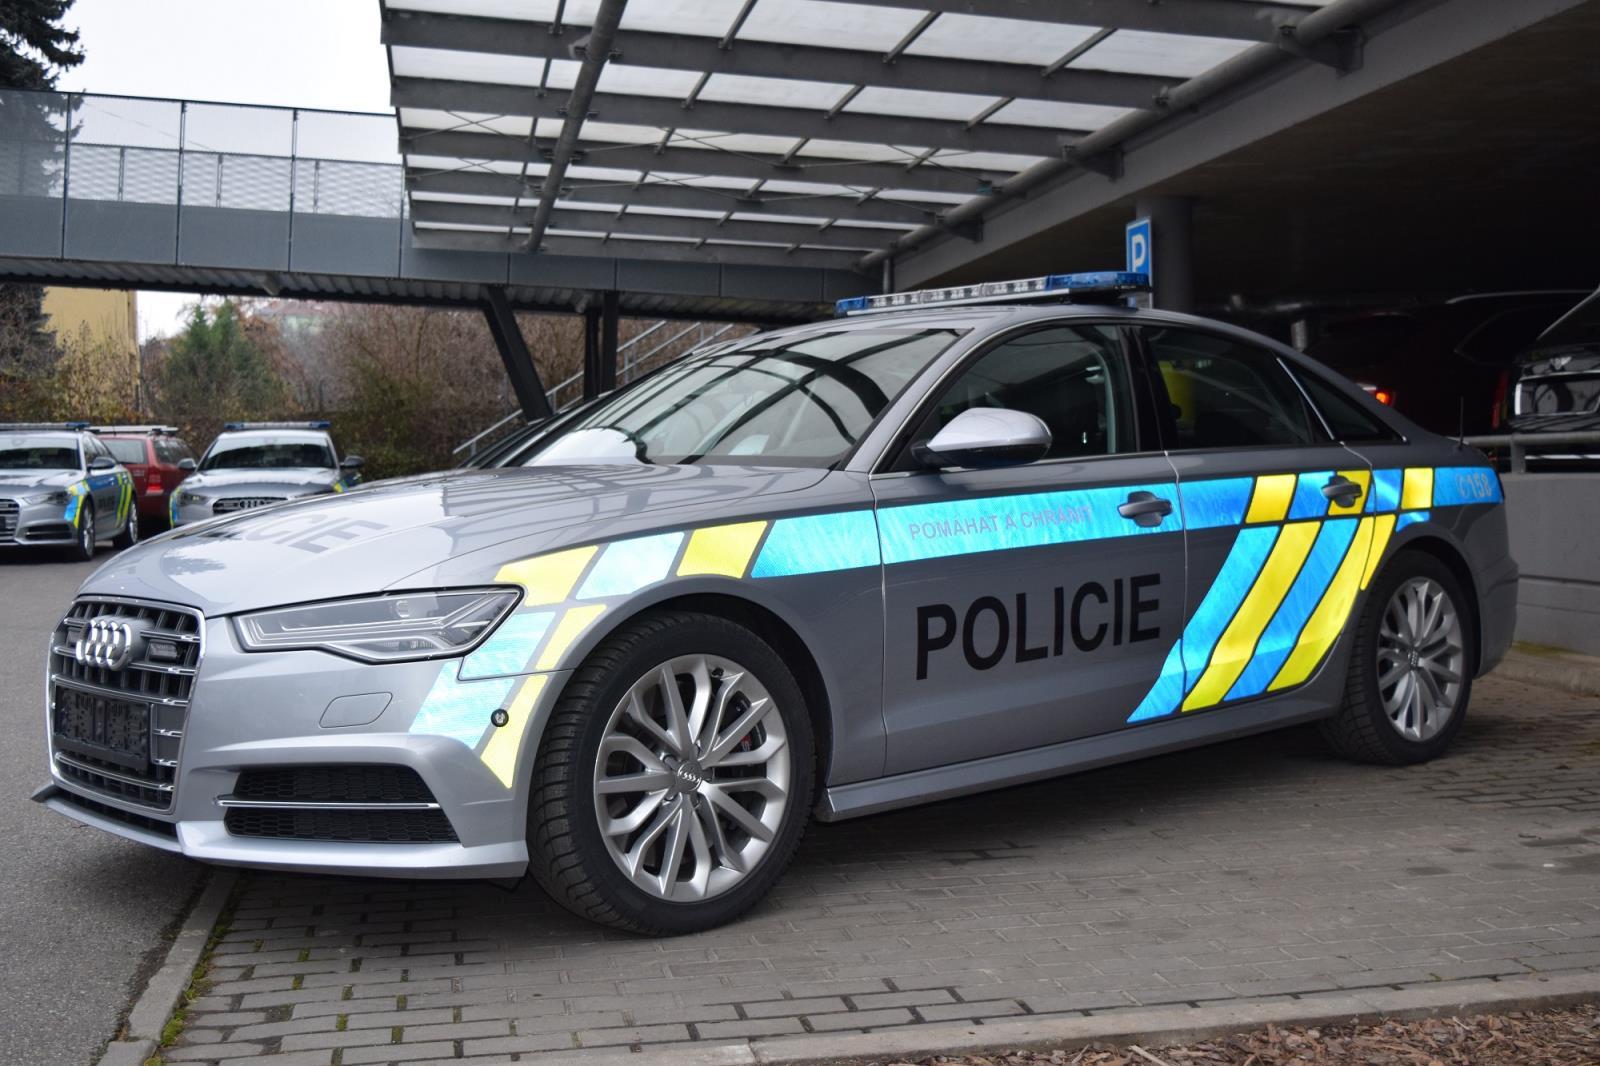 Policie Si Převzala 10 Vozidel Audi S6 Za 22 Milionů